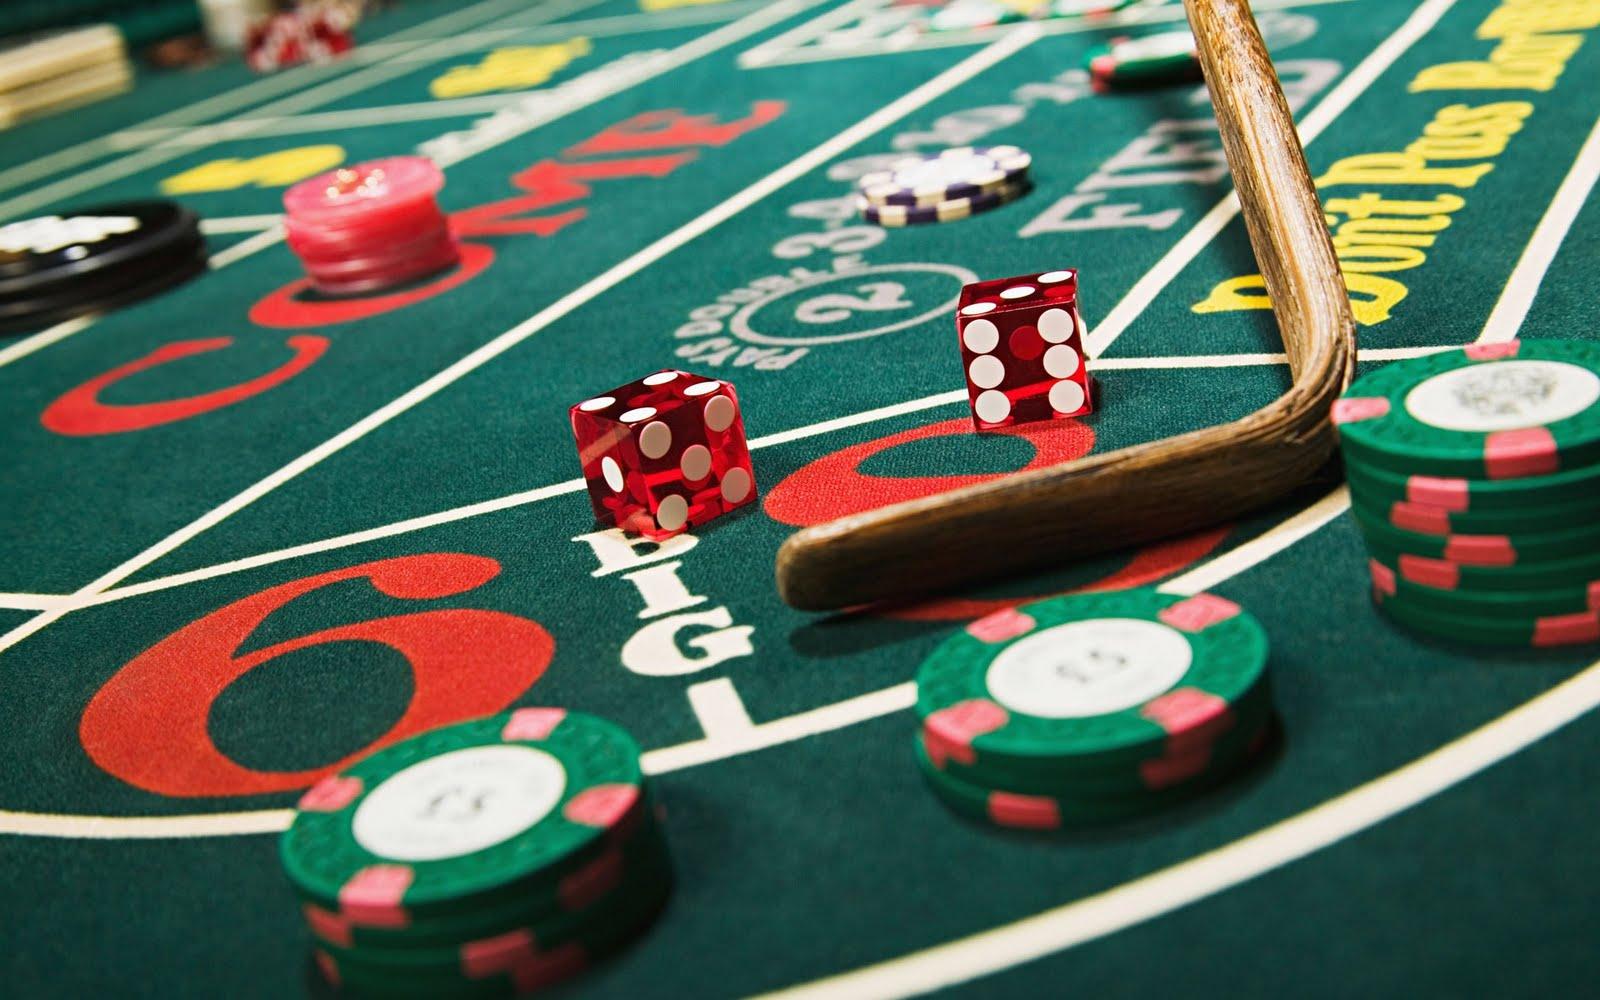 Des jeux casino rentables pour tous